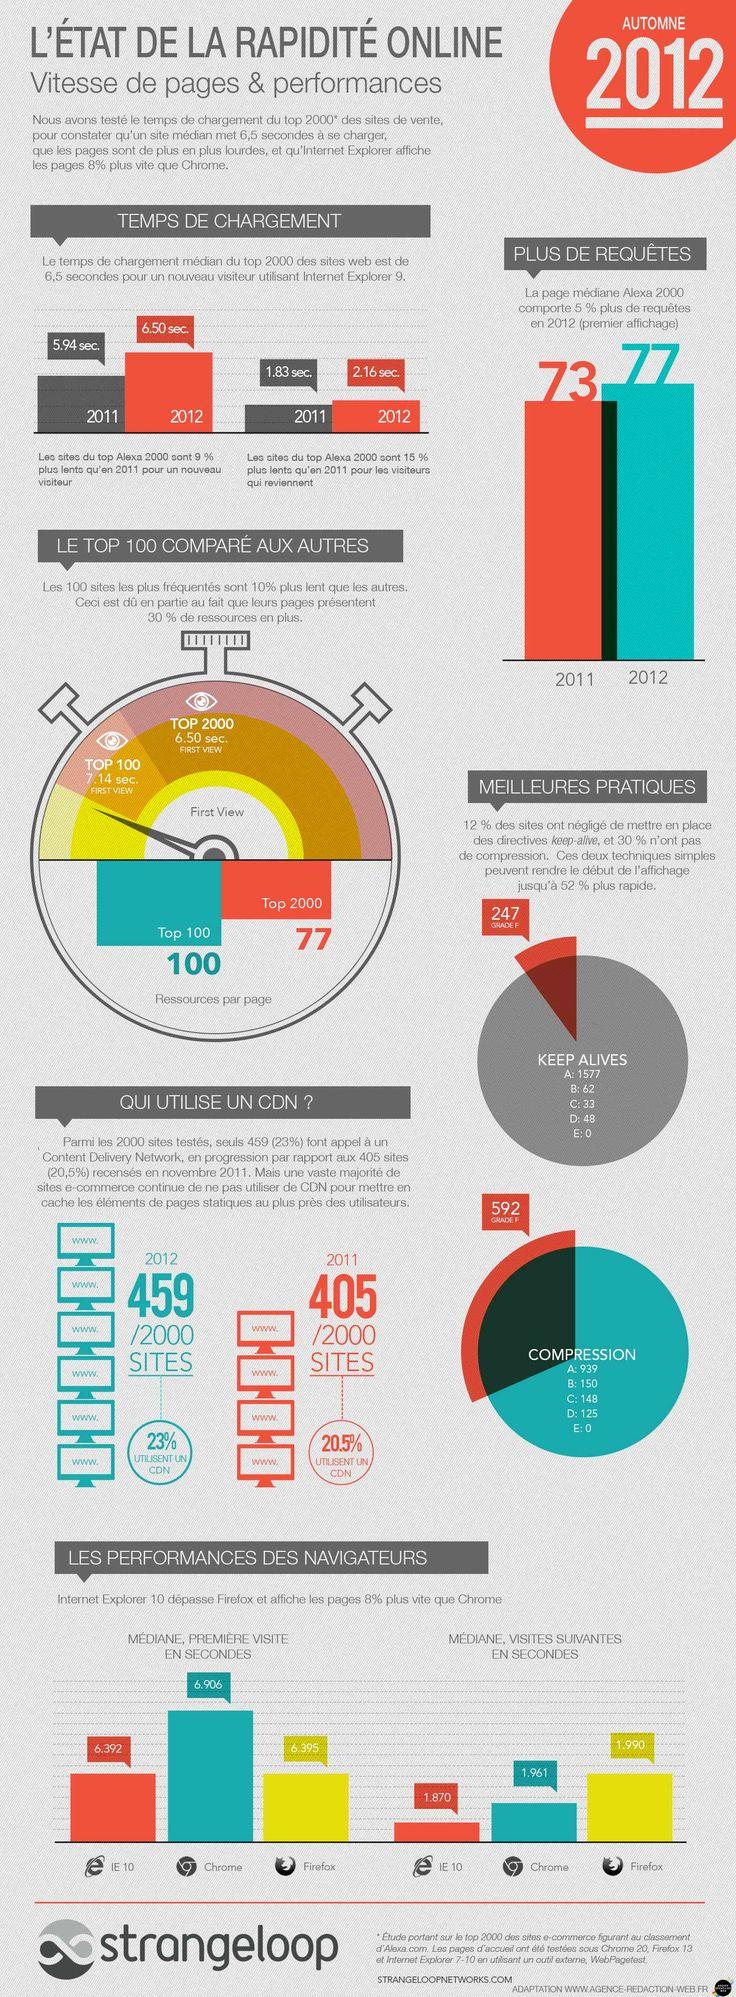 State of the Union : vitesse des sites web, une infographie de strangeloopnetworks traduite par l'agence rédaction web  http://www.agence-redaction-web.fr/blog/rapidite-des-sites-web-etude-strangeloopnetworks/